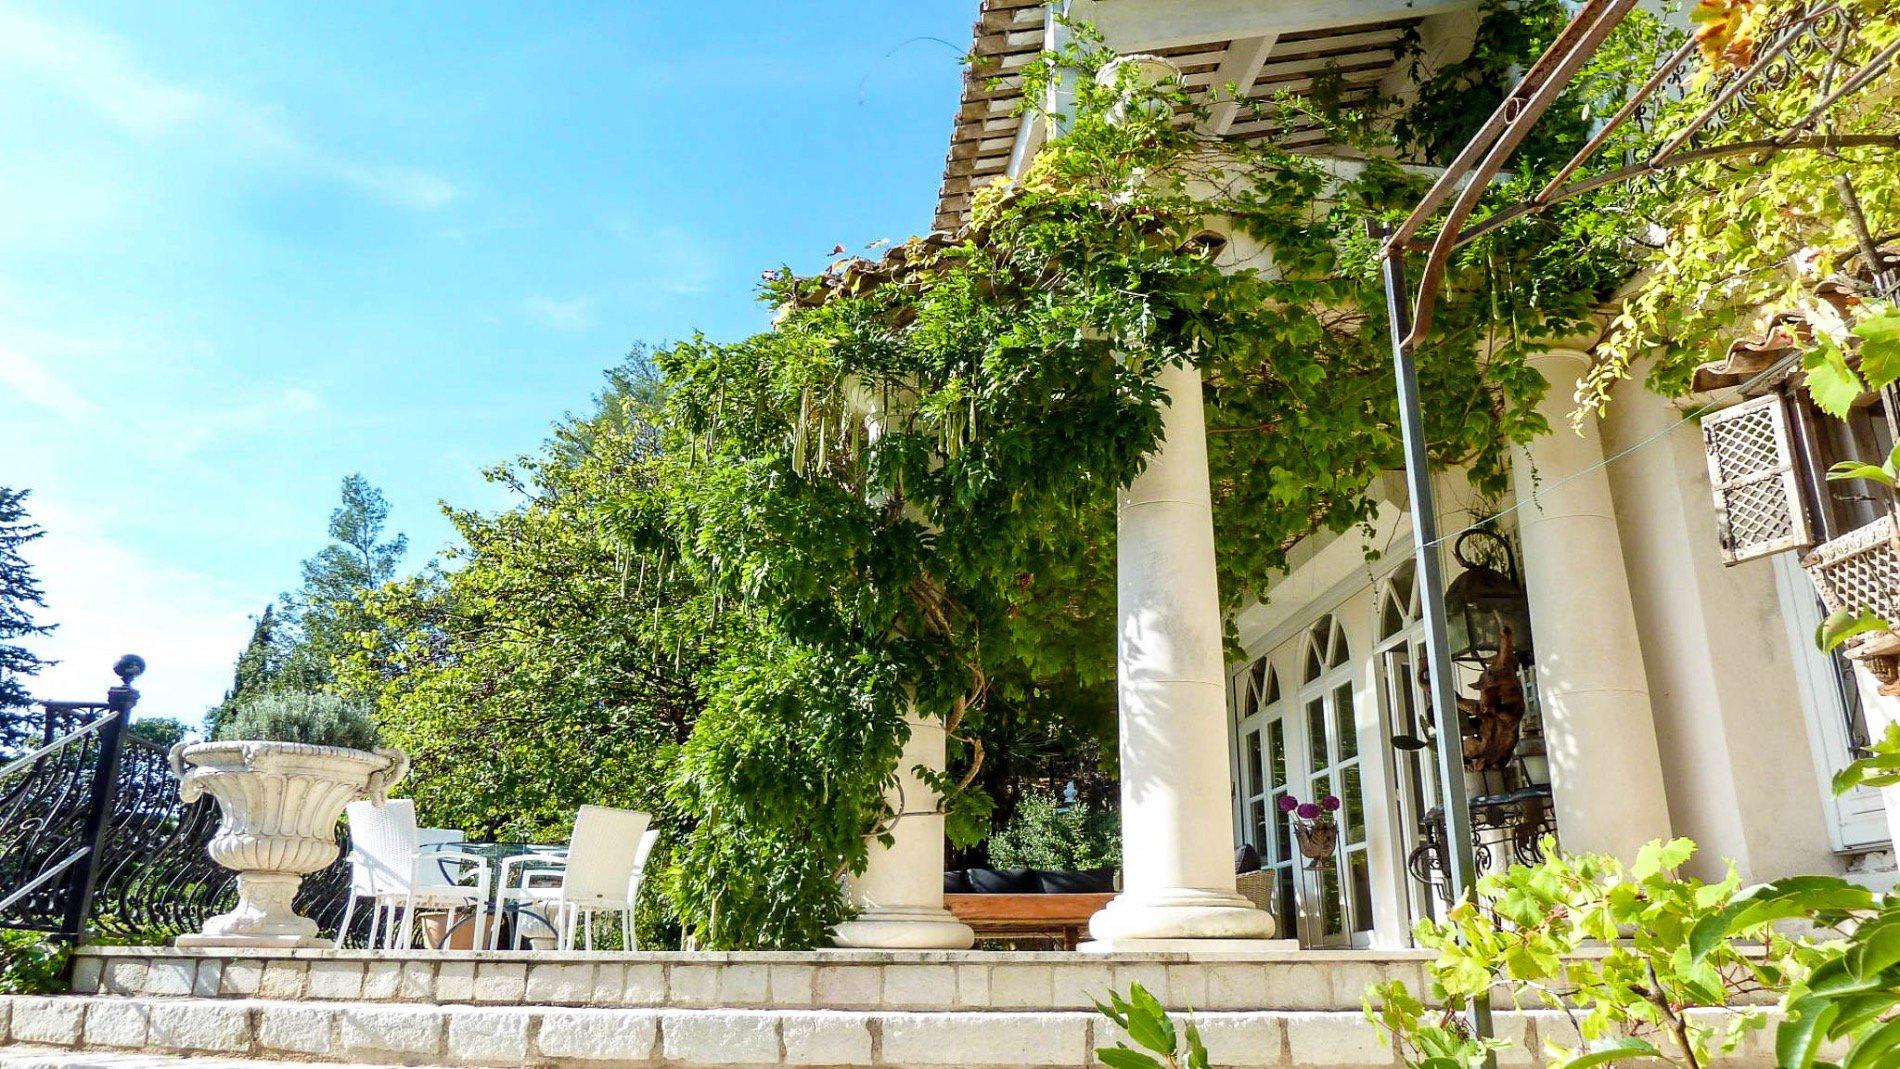 Villa Mare panoramica, stile coloniale tranquilla, 7 camere, grande terreno, piscina, zona residenziale